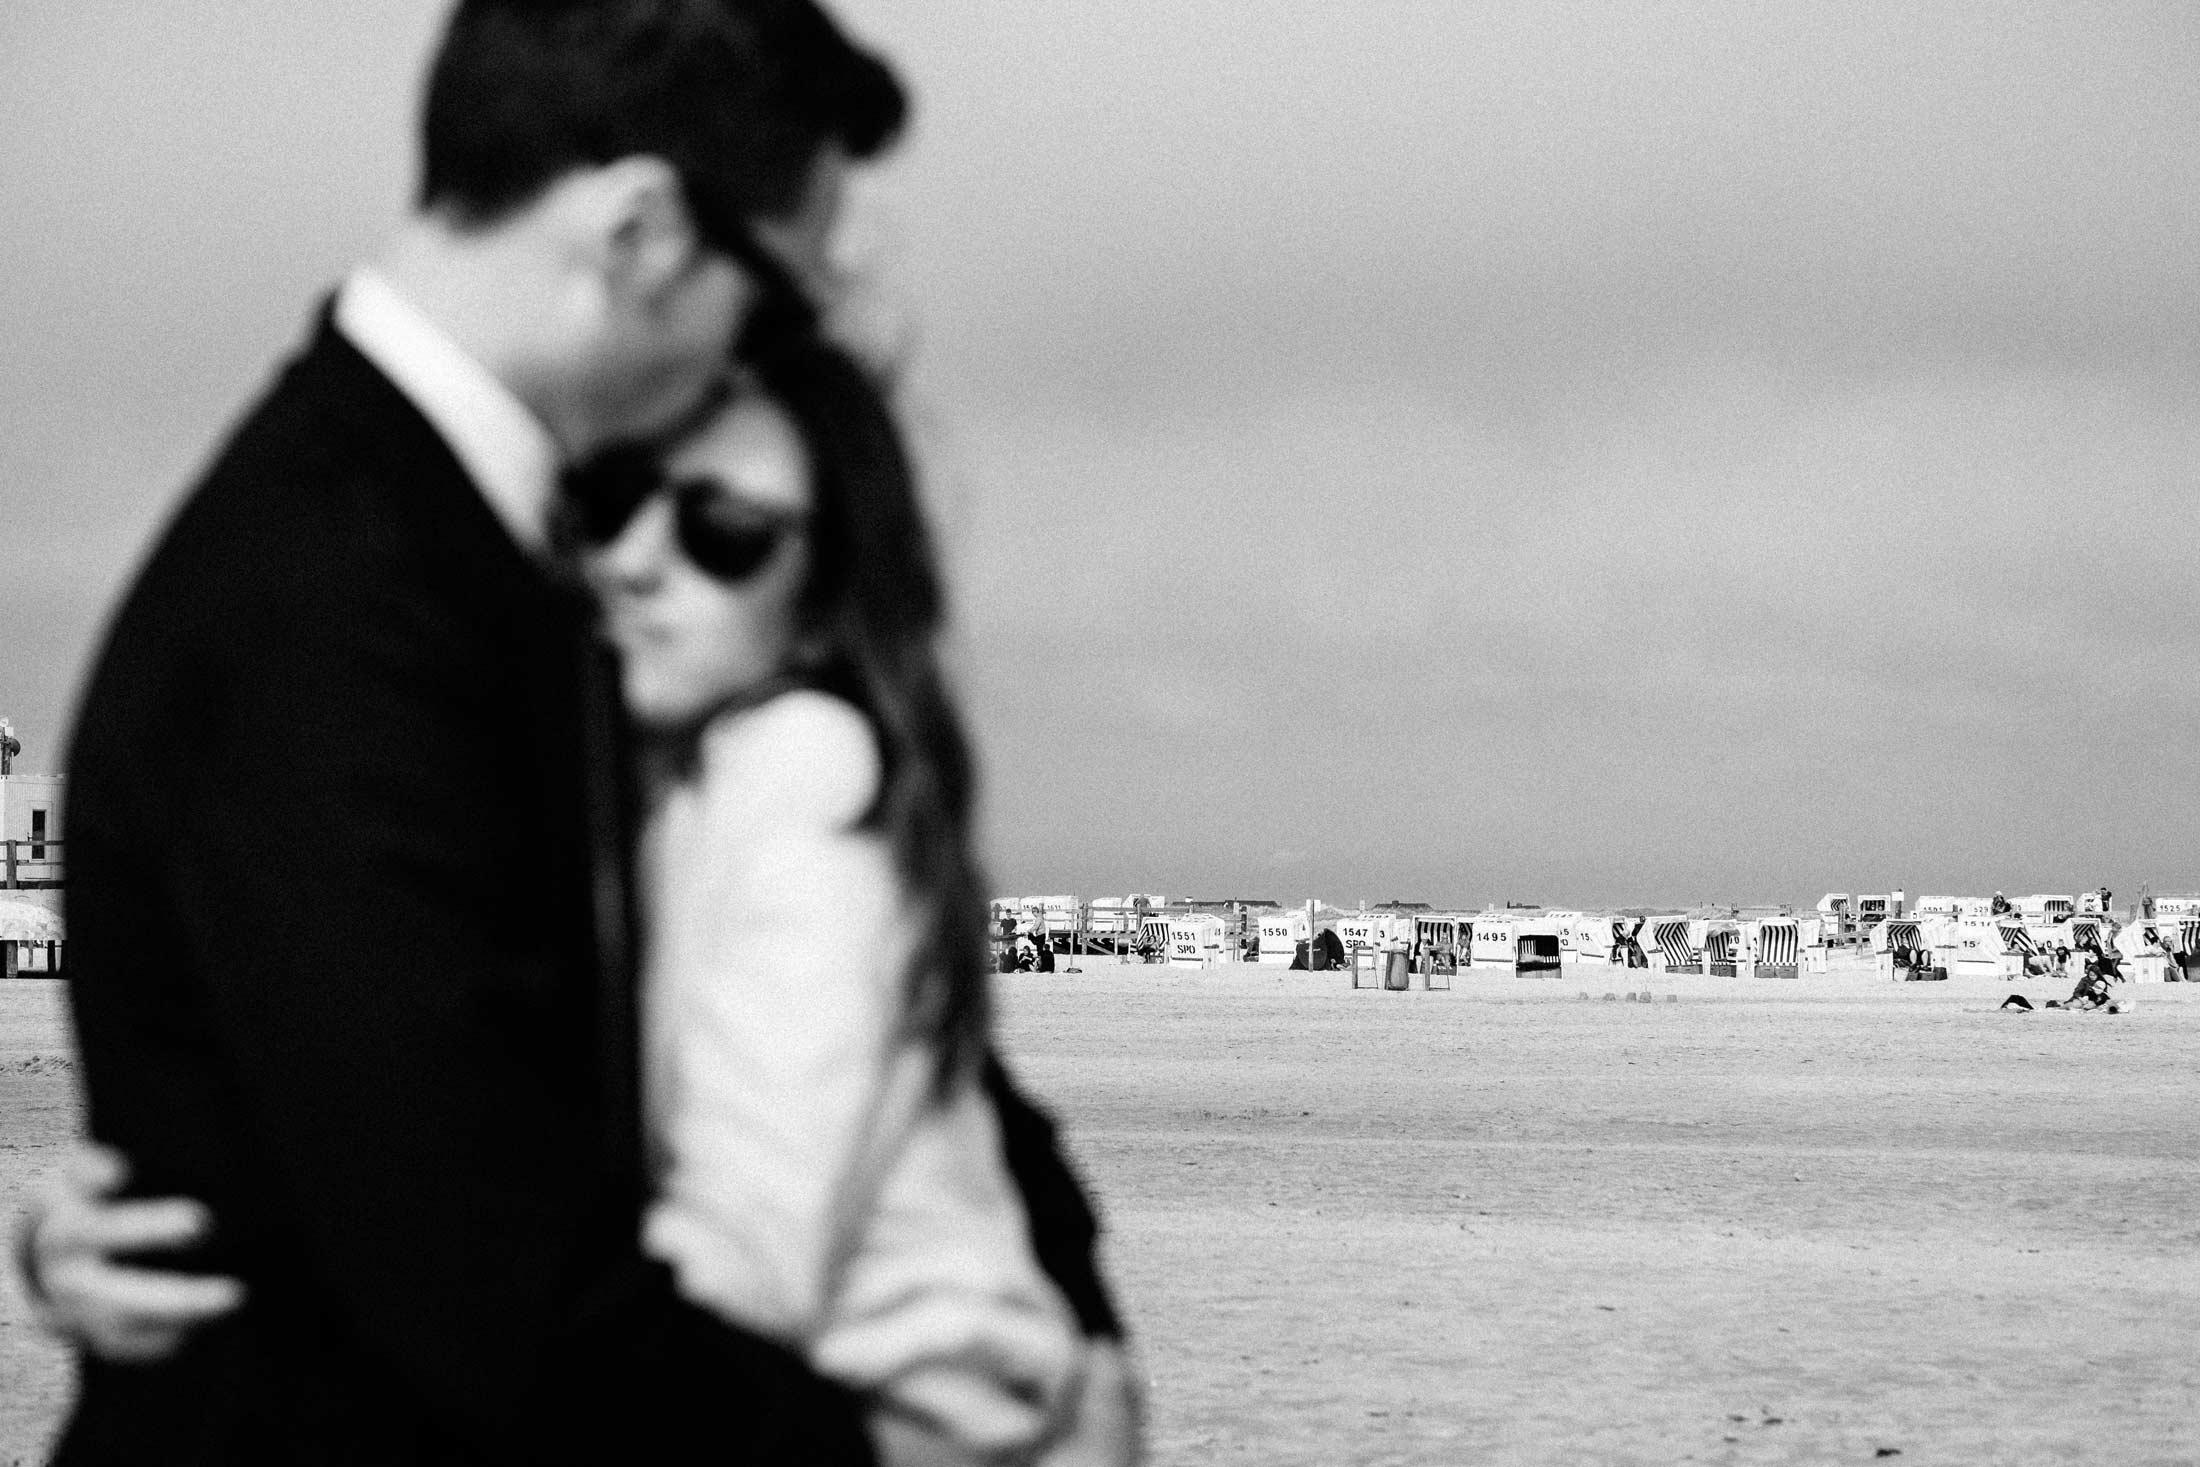 Hochzeitspaar am Strand von St. Peter-Ording mit Strandkörben im Hintergrund